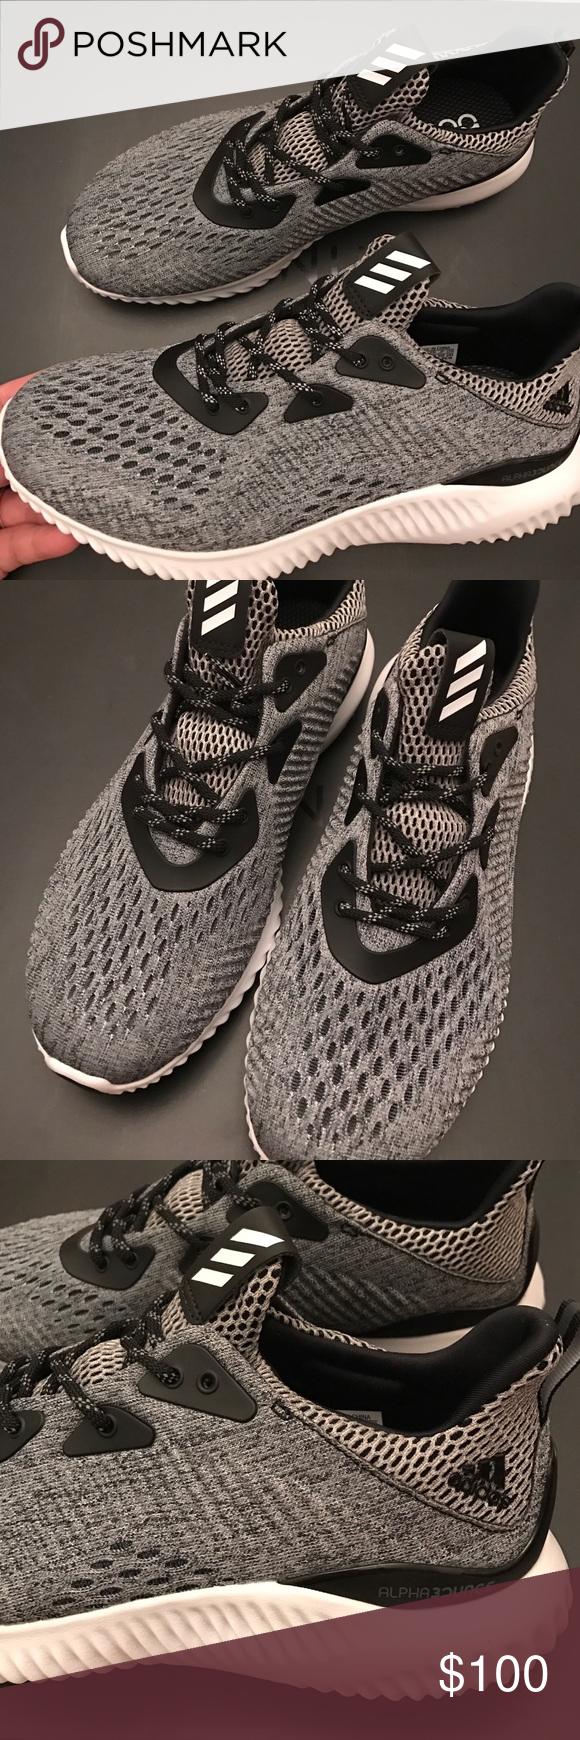 Nueva marca de Adidas AlphaBounce Mujeres zapatillas de deporte gris talla 8 NWT